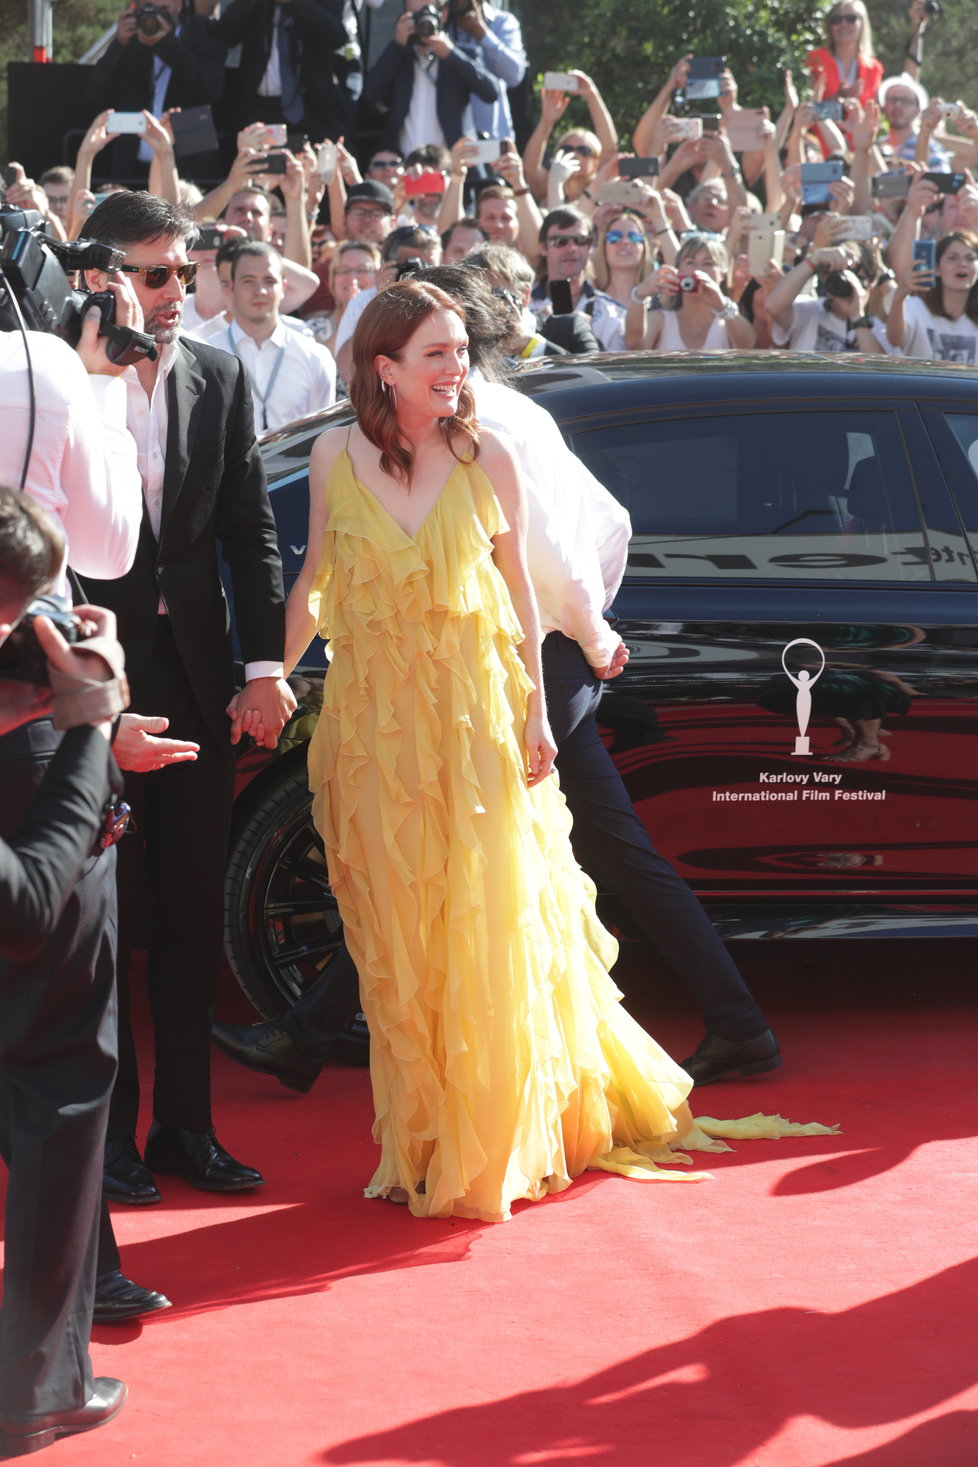 Herečka Julianne Mooreová s manželem Bartem Freundlichem na červeném koberci v Karlových Varech.